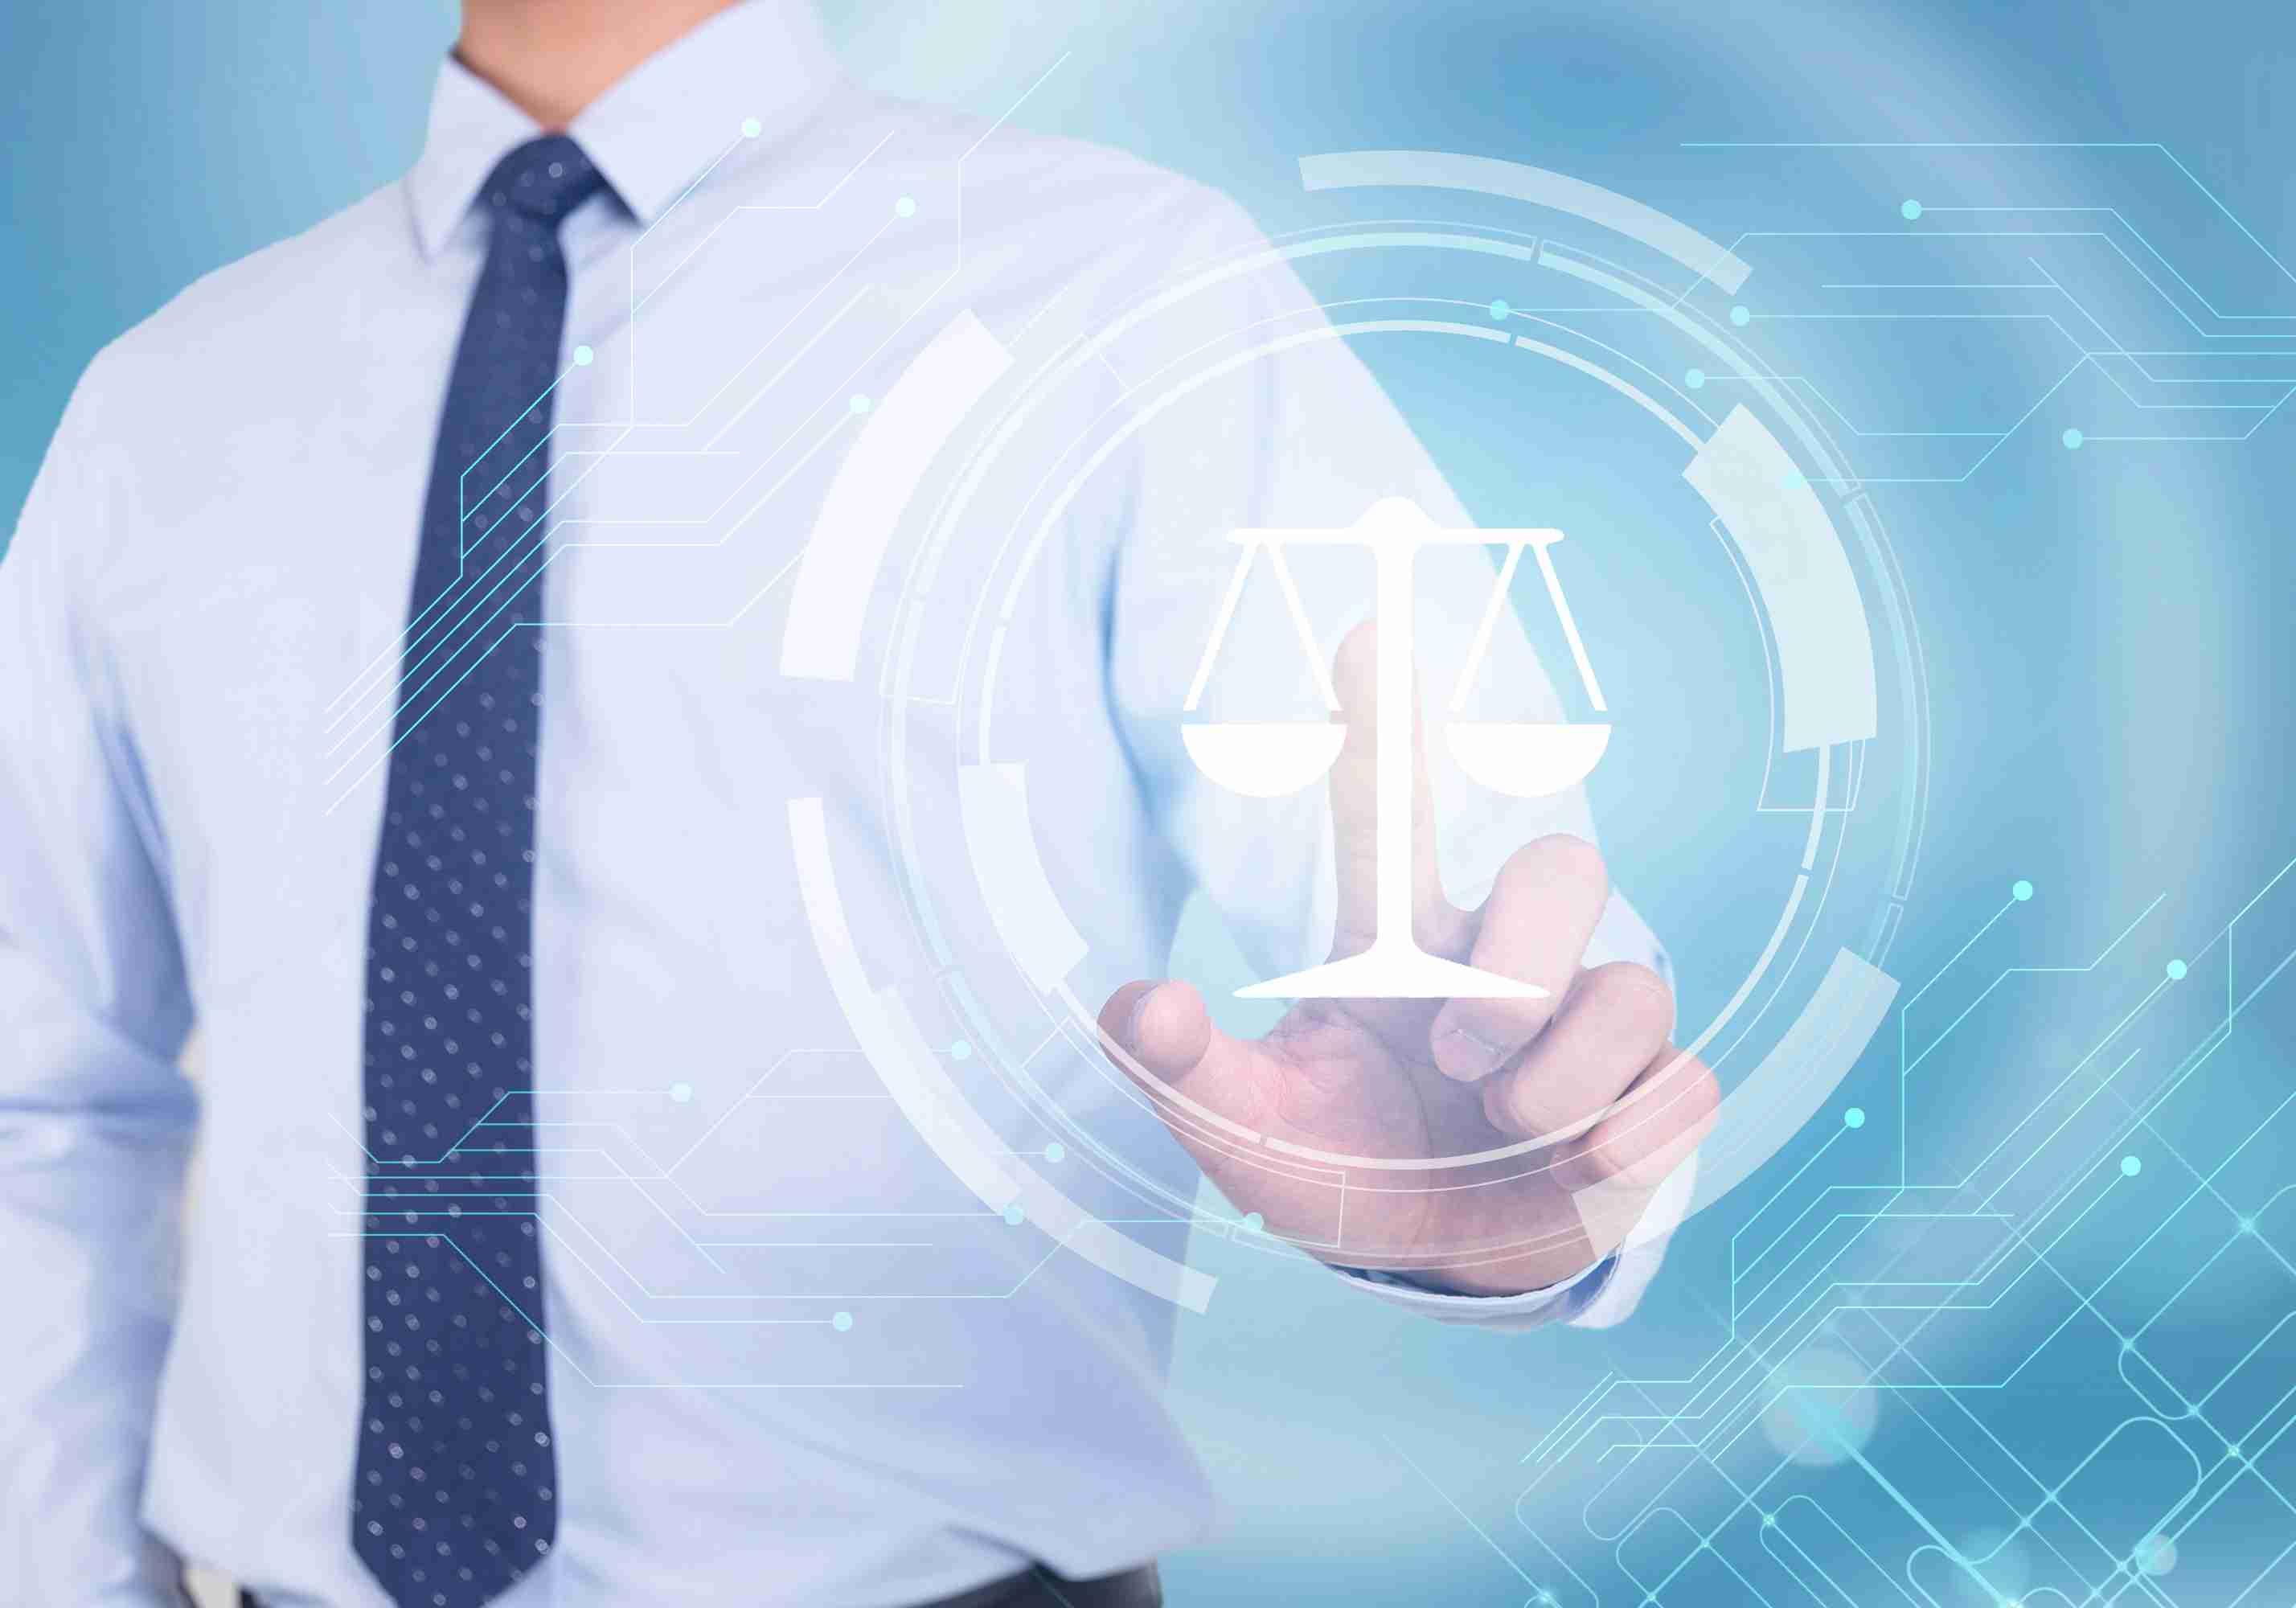 企业侵权商标会受到什么处罚?